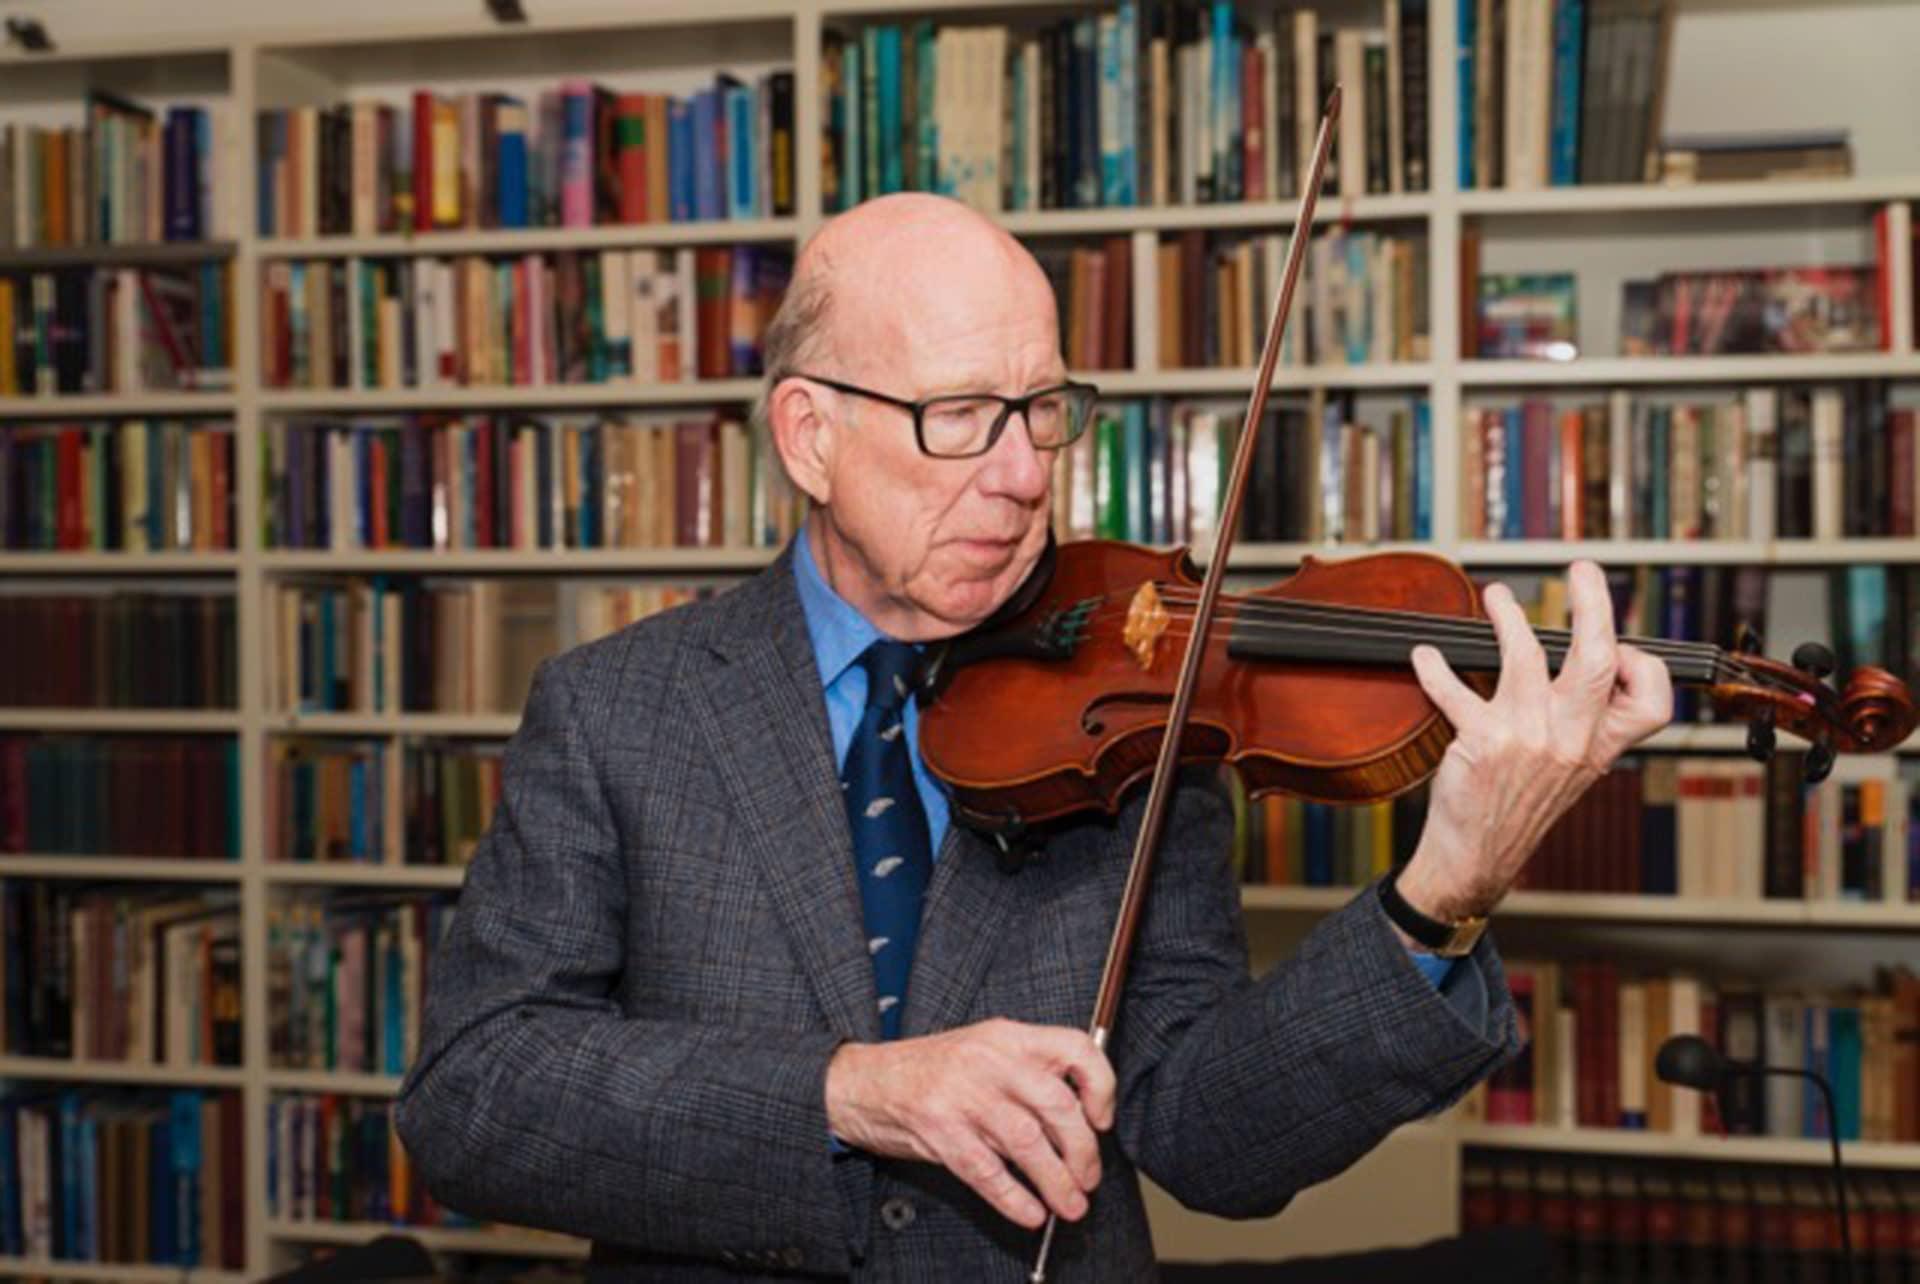 Dutch concertmaster dies, 78